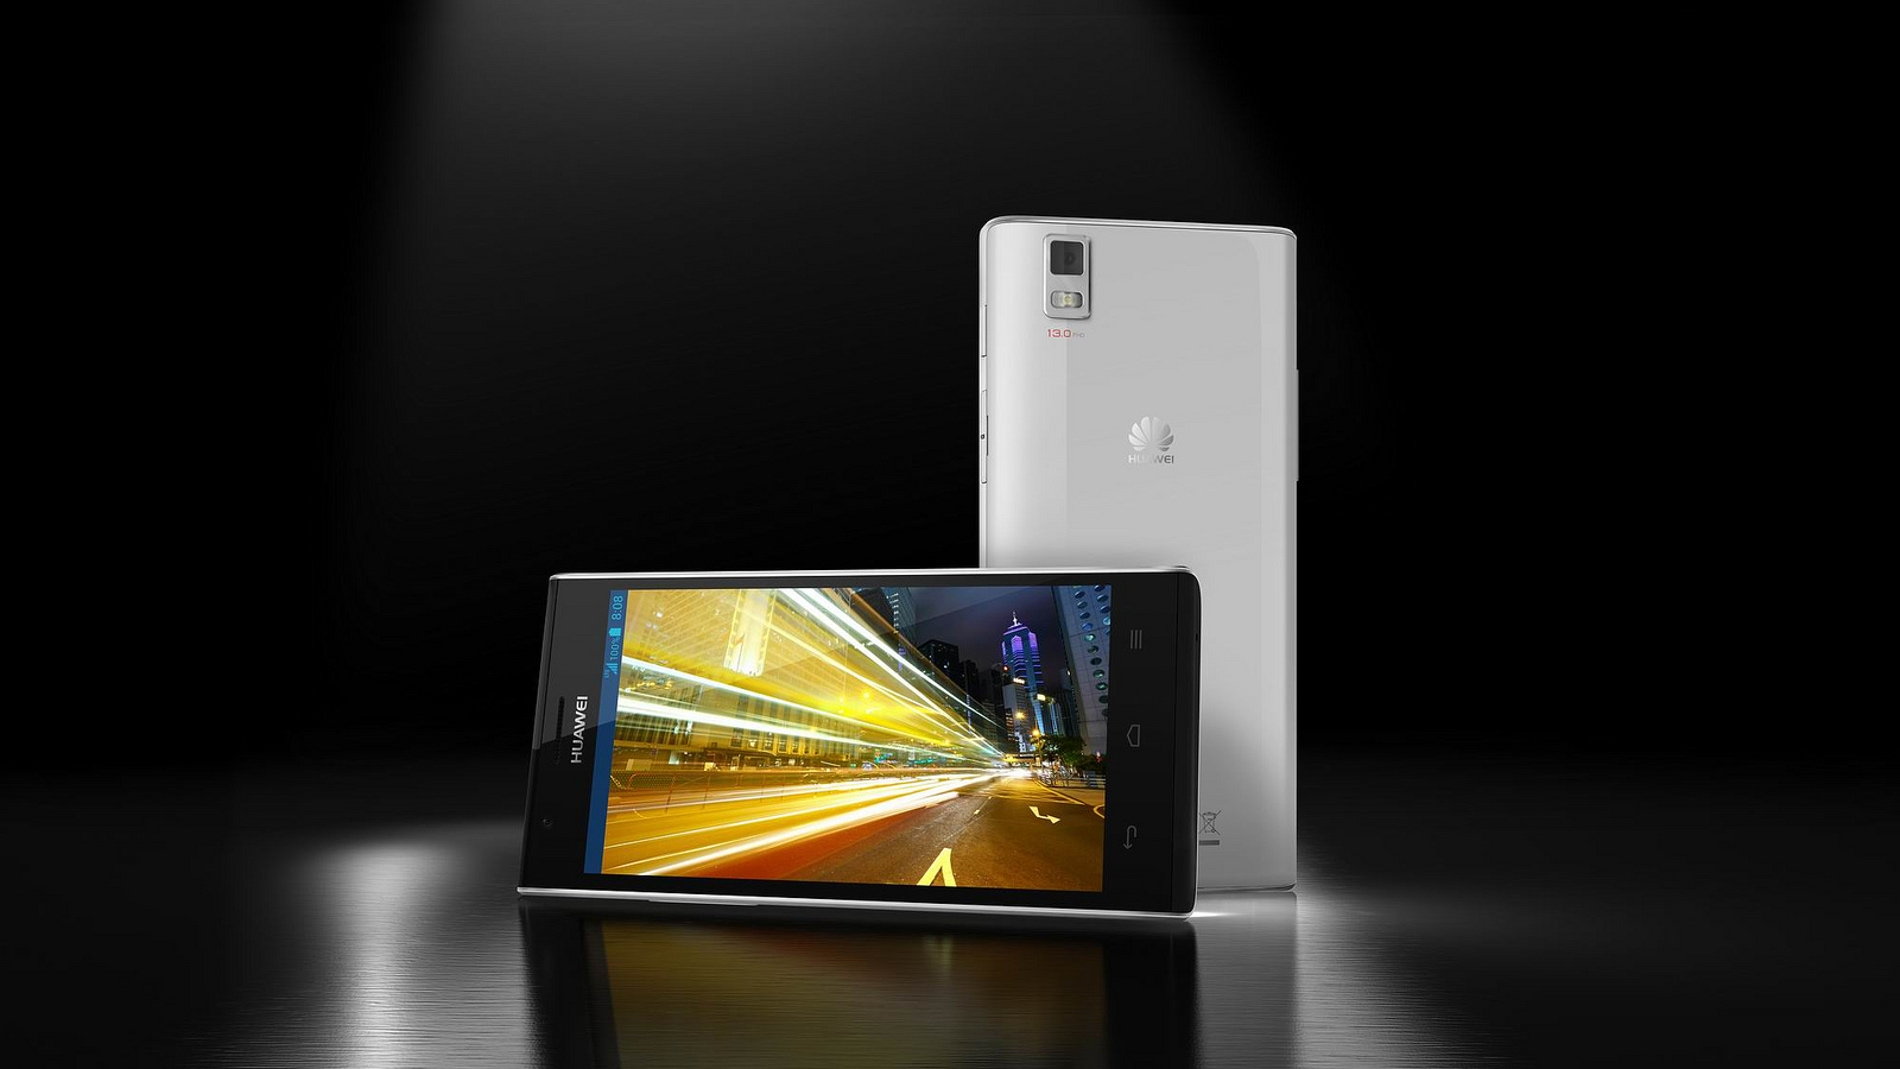 La mitad de los móviles serán chinos en 2015